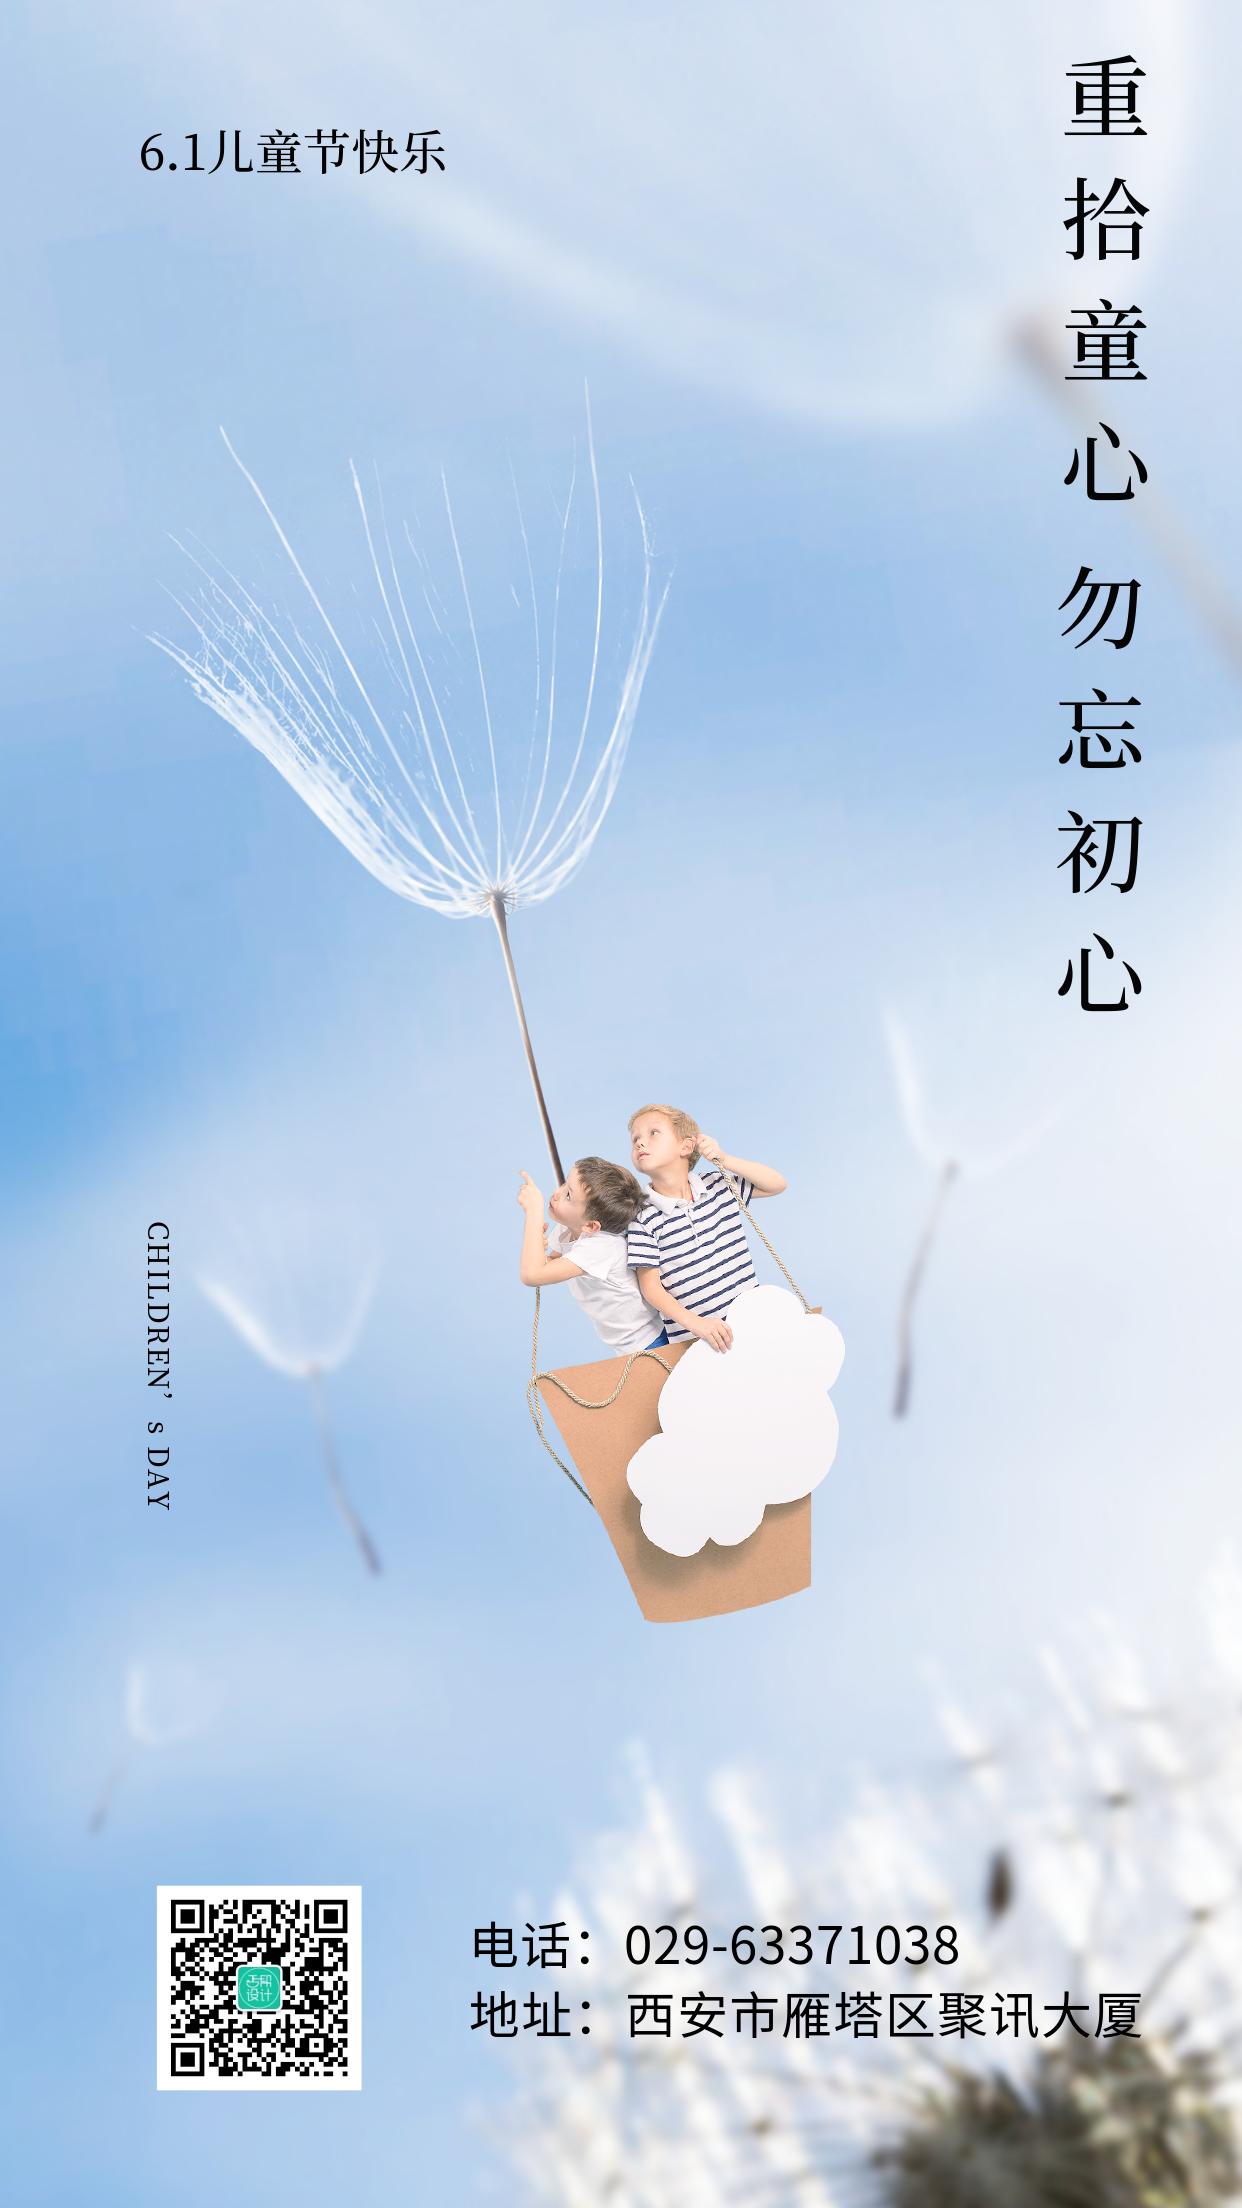 六一儿童节清新文艺节日祝福营销手机海报